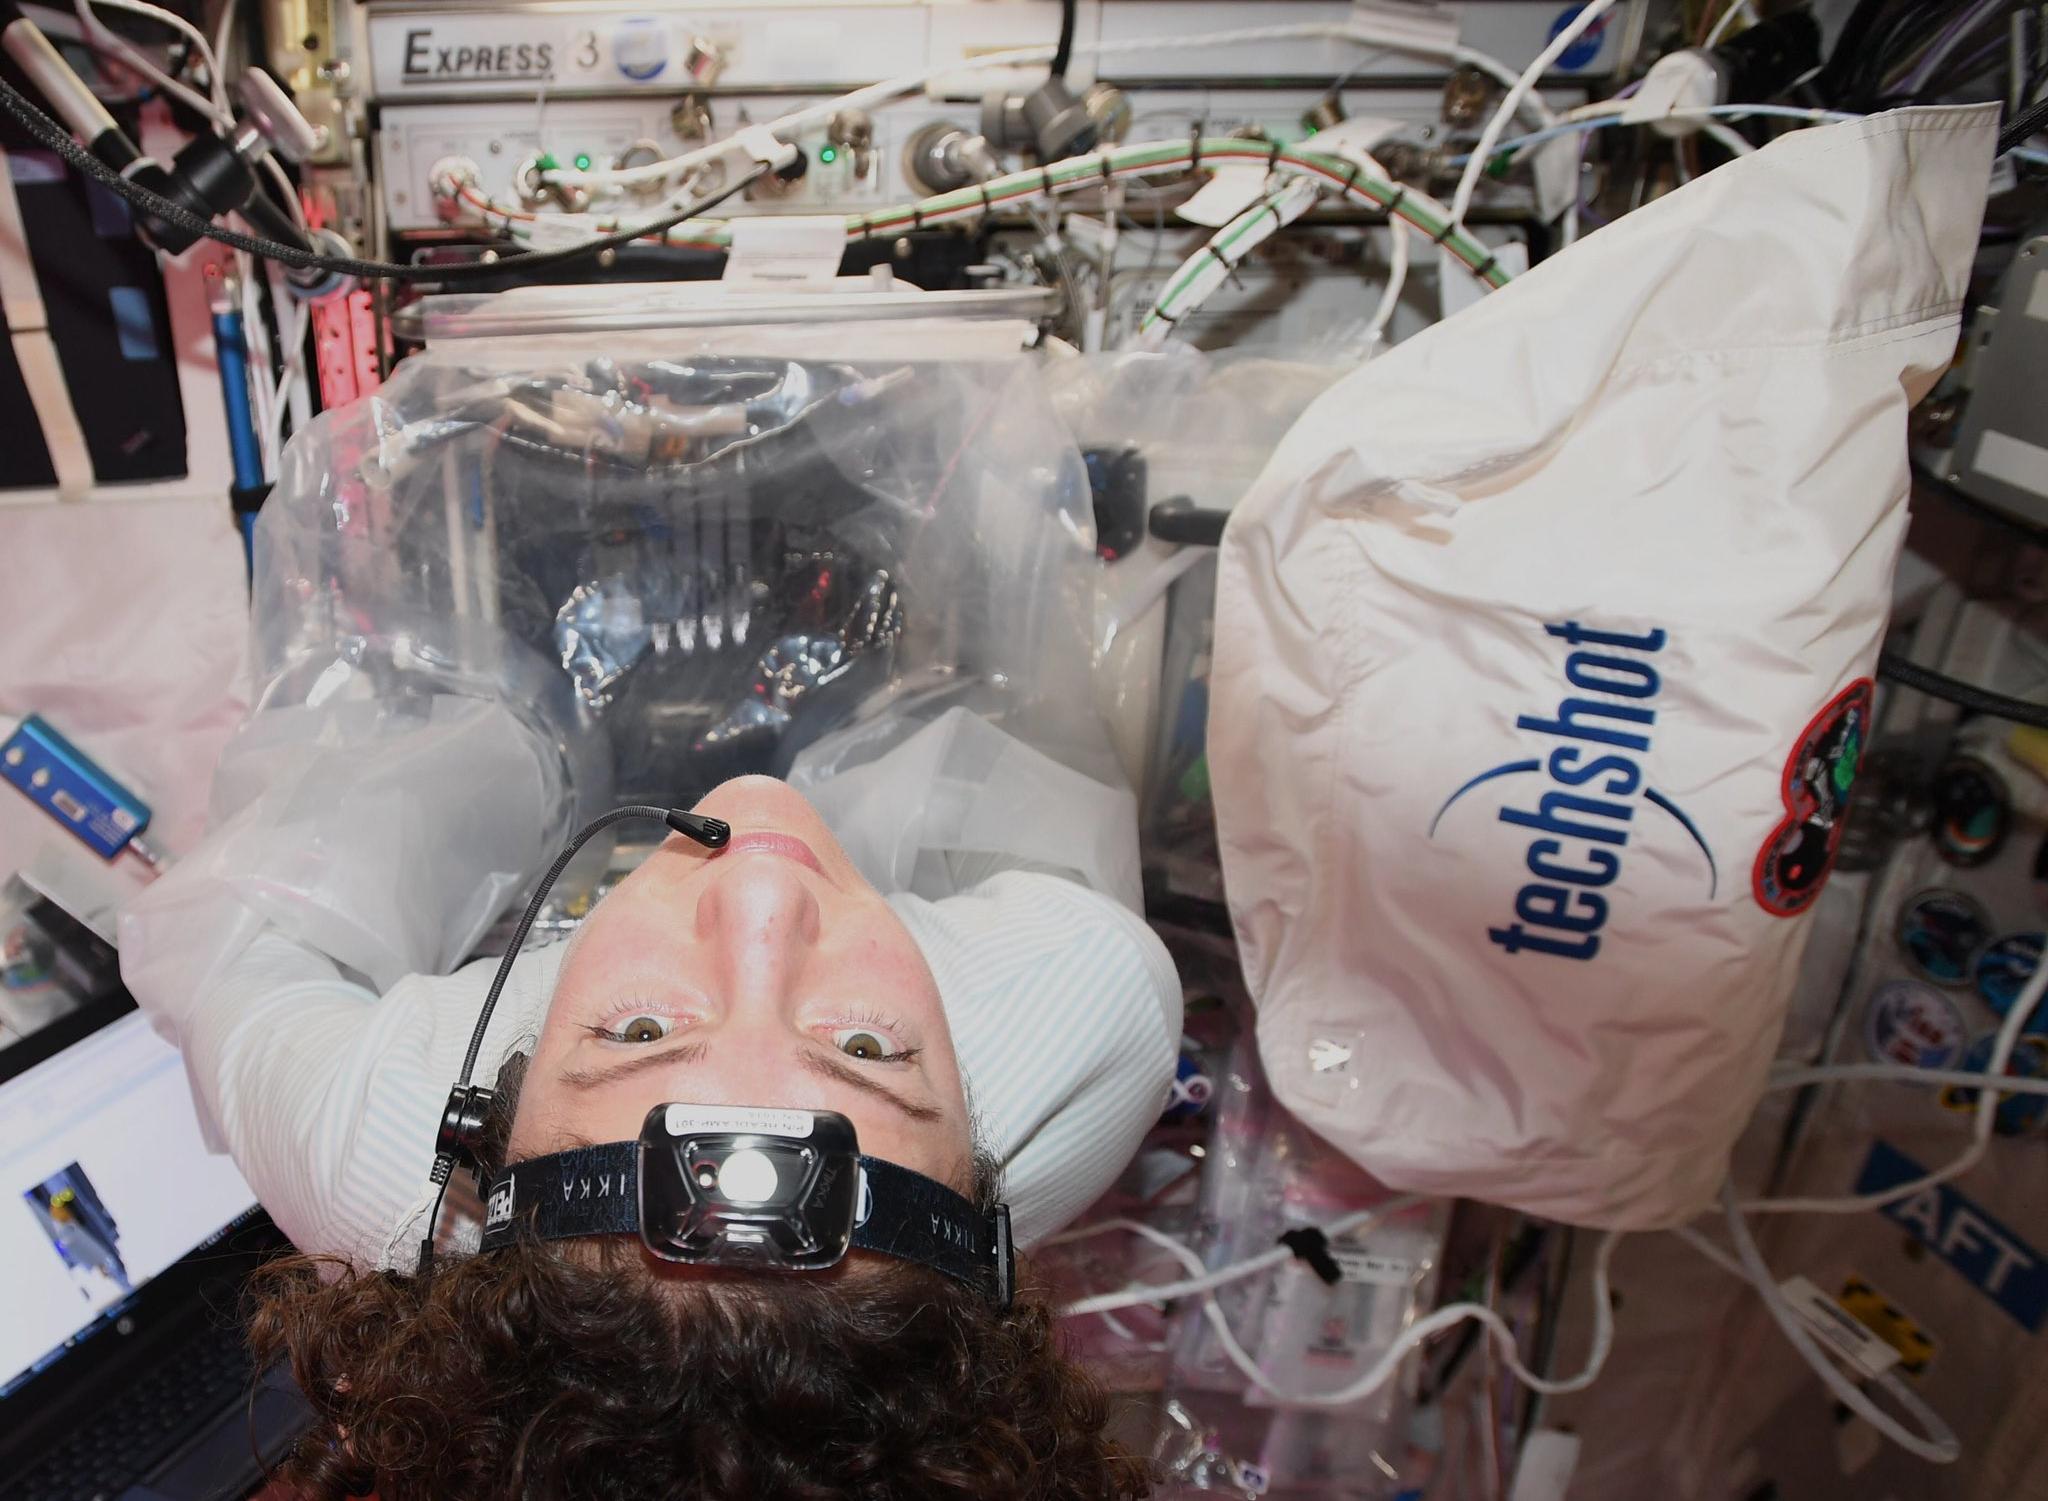 人工臓器作製を目指すNASA、3Dプリントの肝臓組織をISSで実験へ